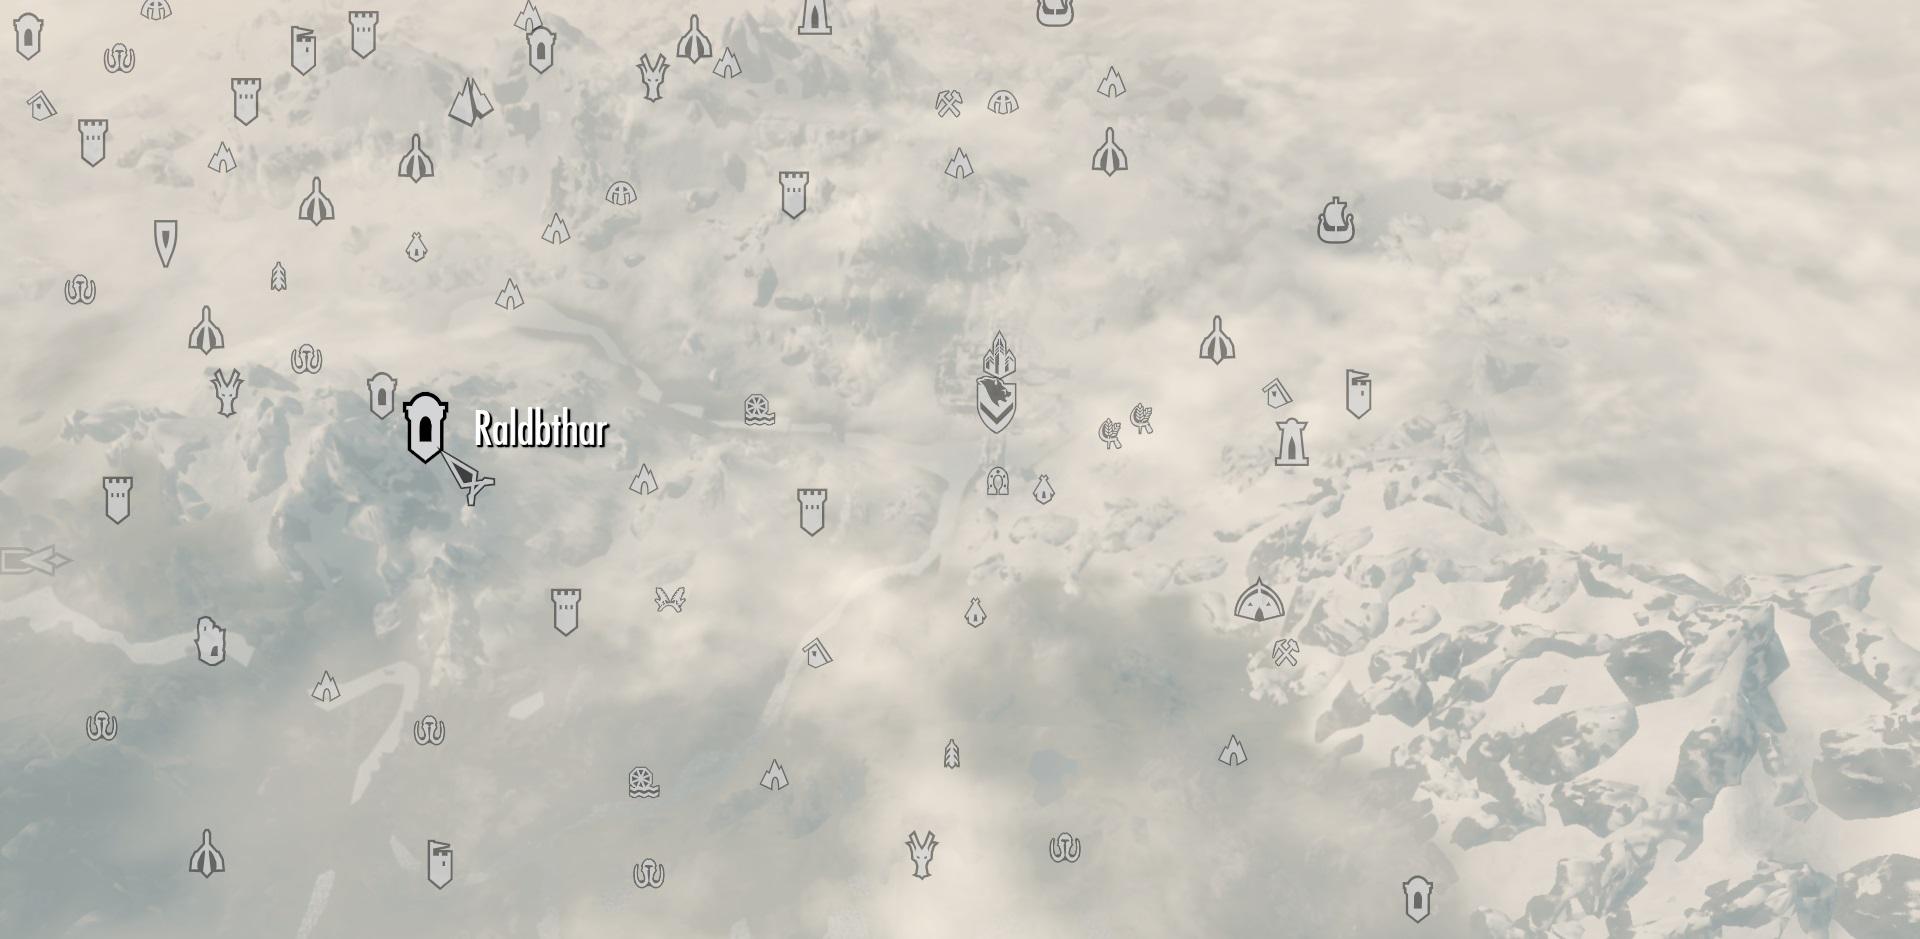 Raldbthar